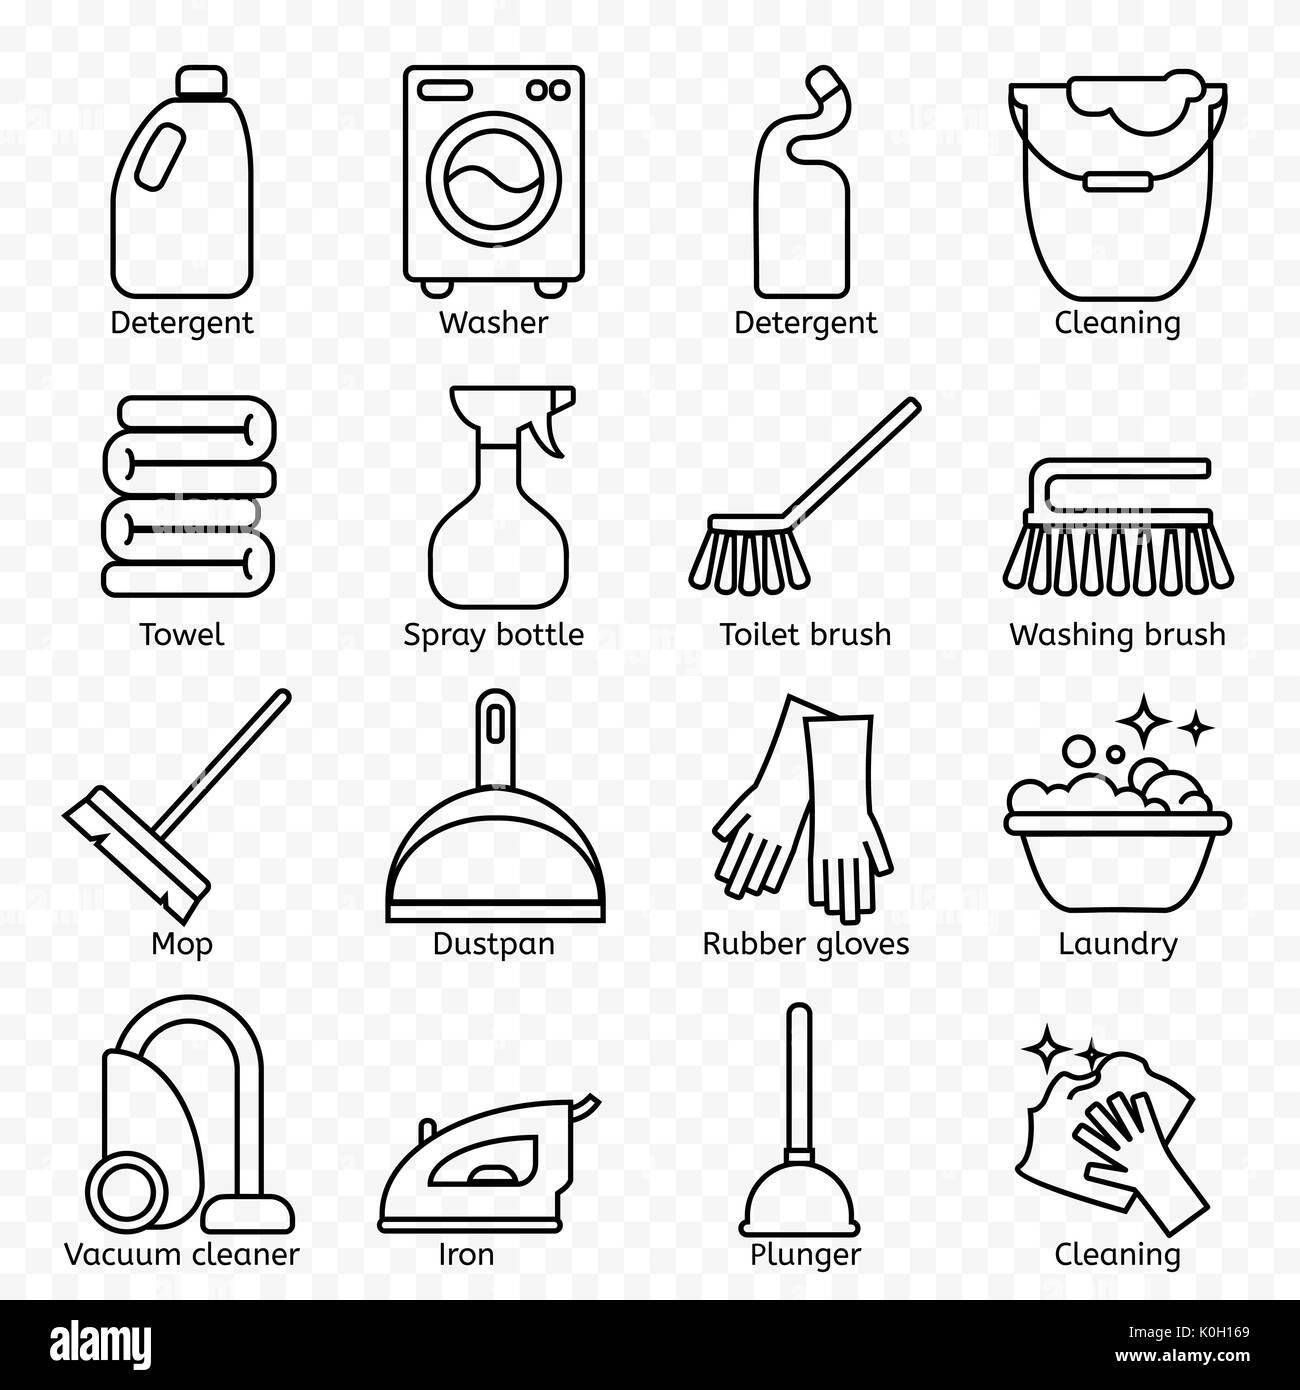 Reinigung Waschen Sie Zeile Für Symbole Waschmaschine Schwamm